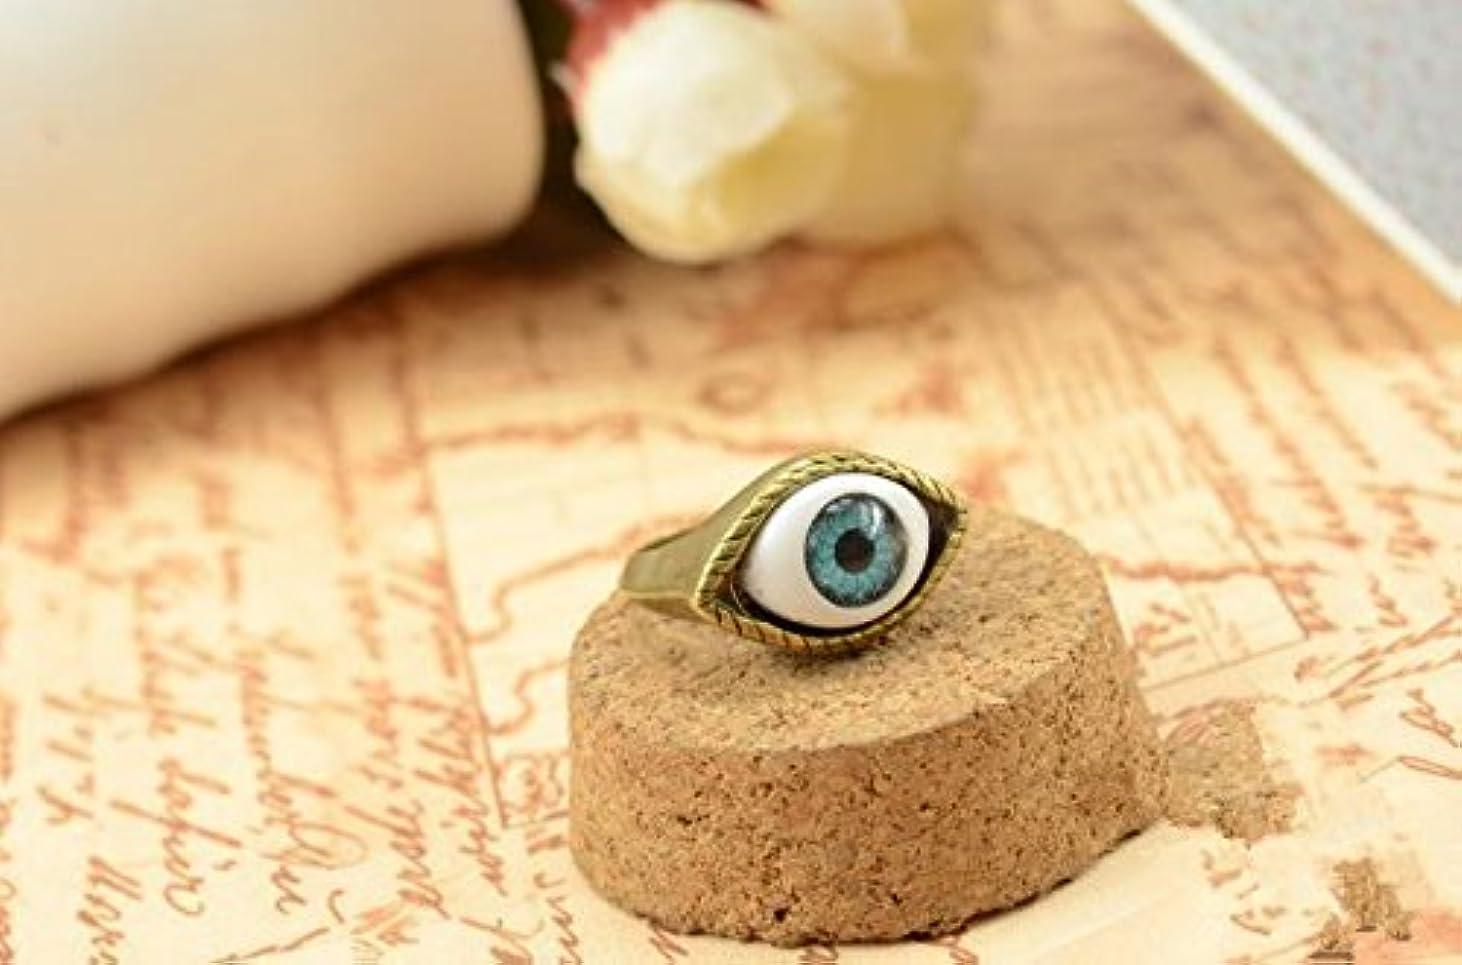 説明的噛む宗教的なJicorzo - ヨーロッパと米国のゴシックパンク風のレトロな青と茶色の鬼の目のリング宝石の1pcsを誇張[青]